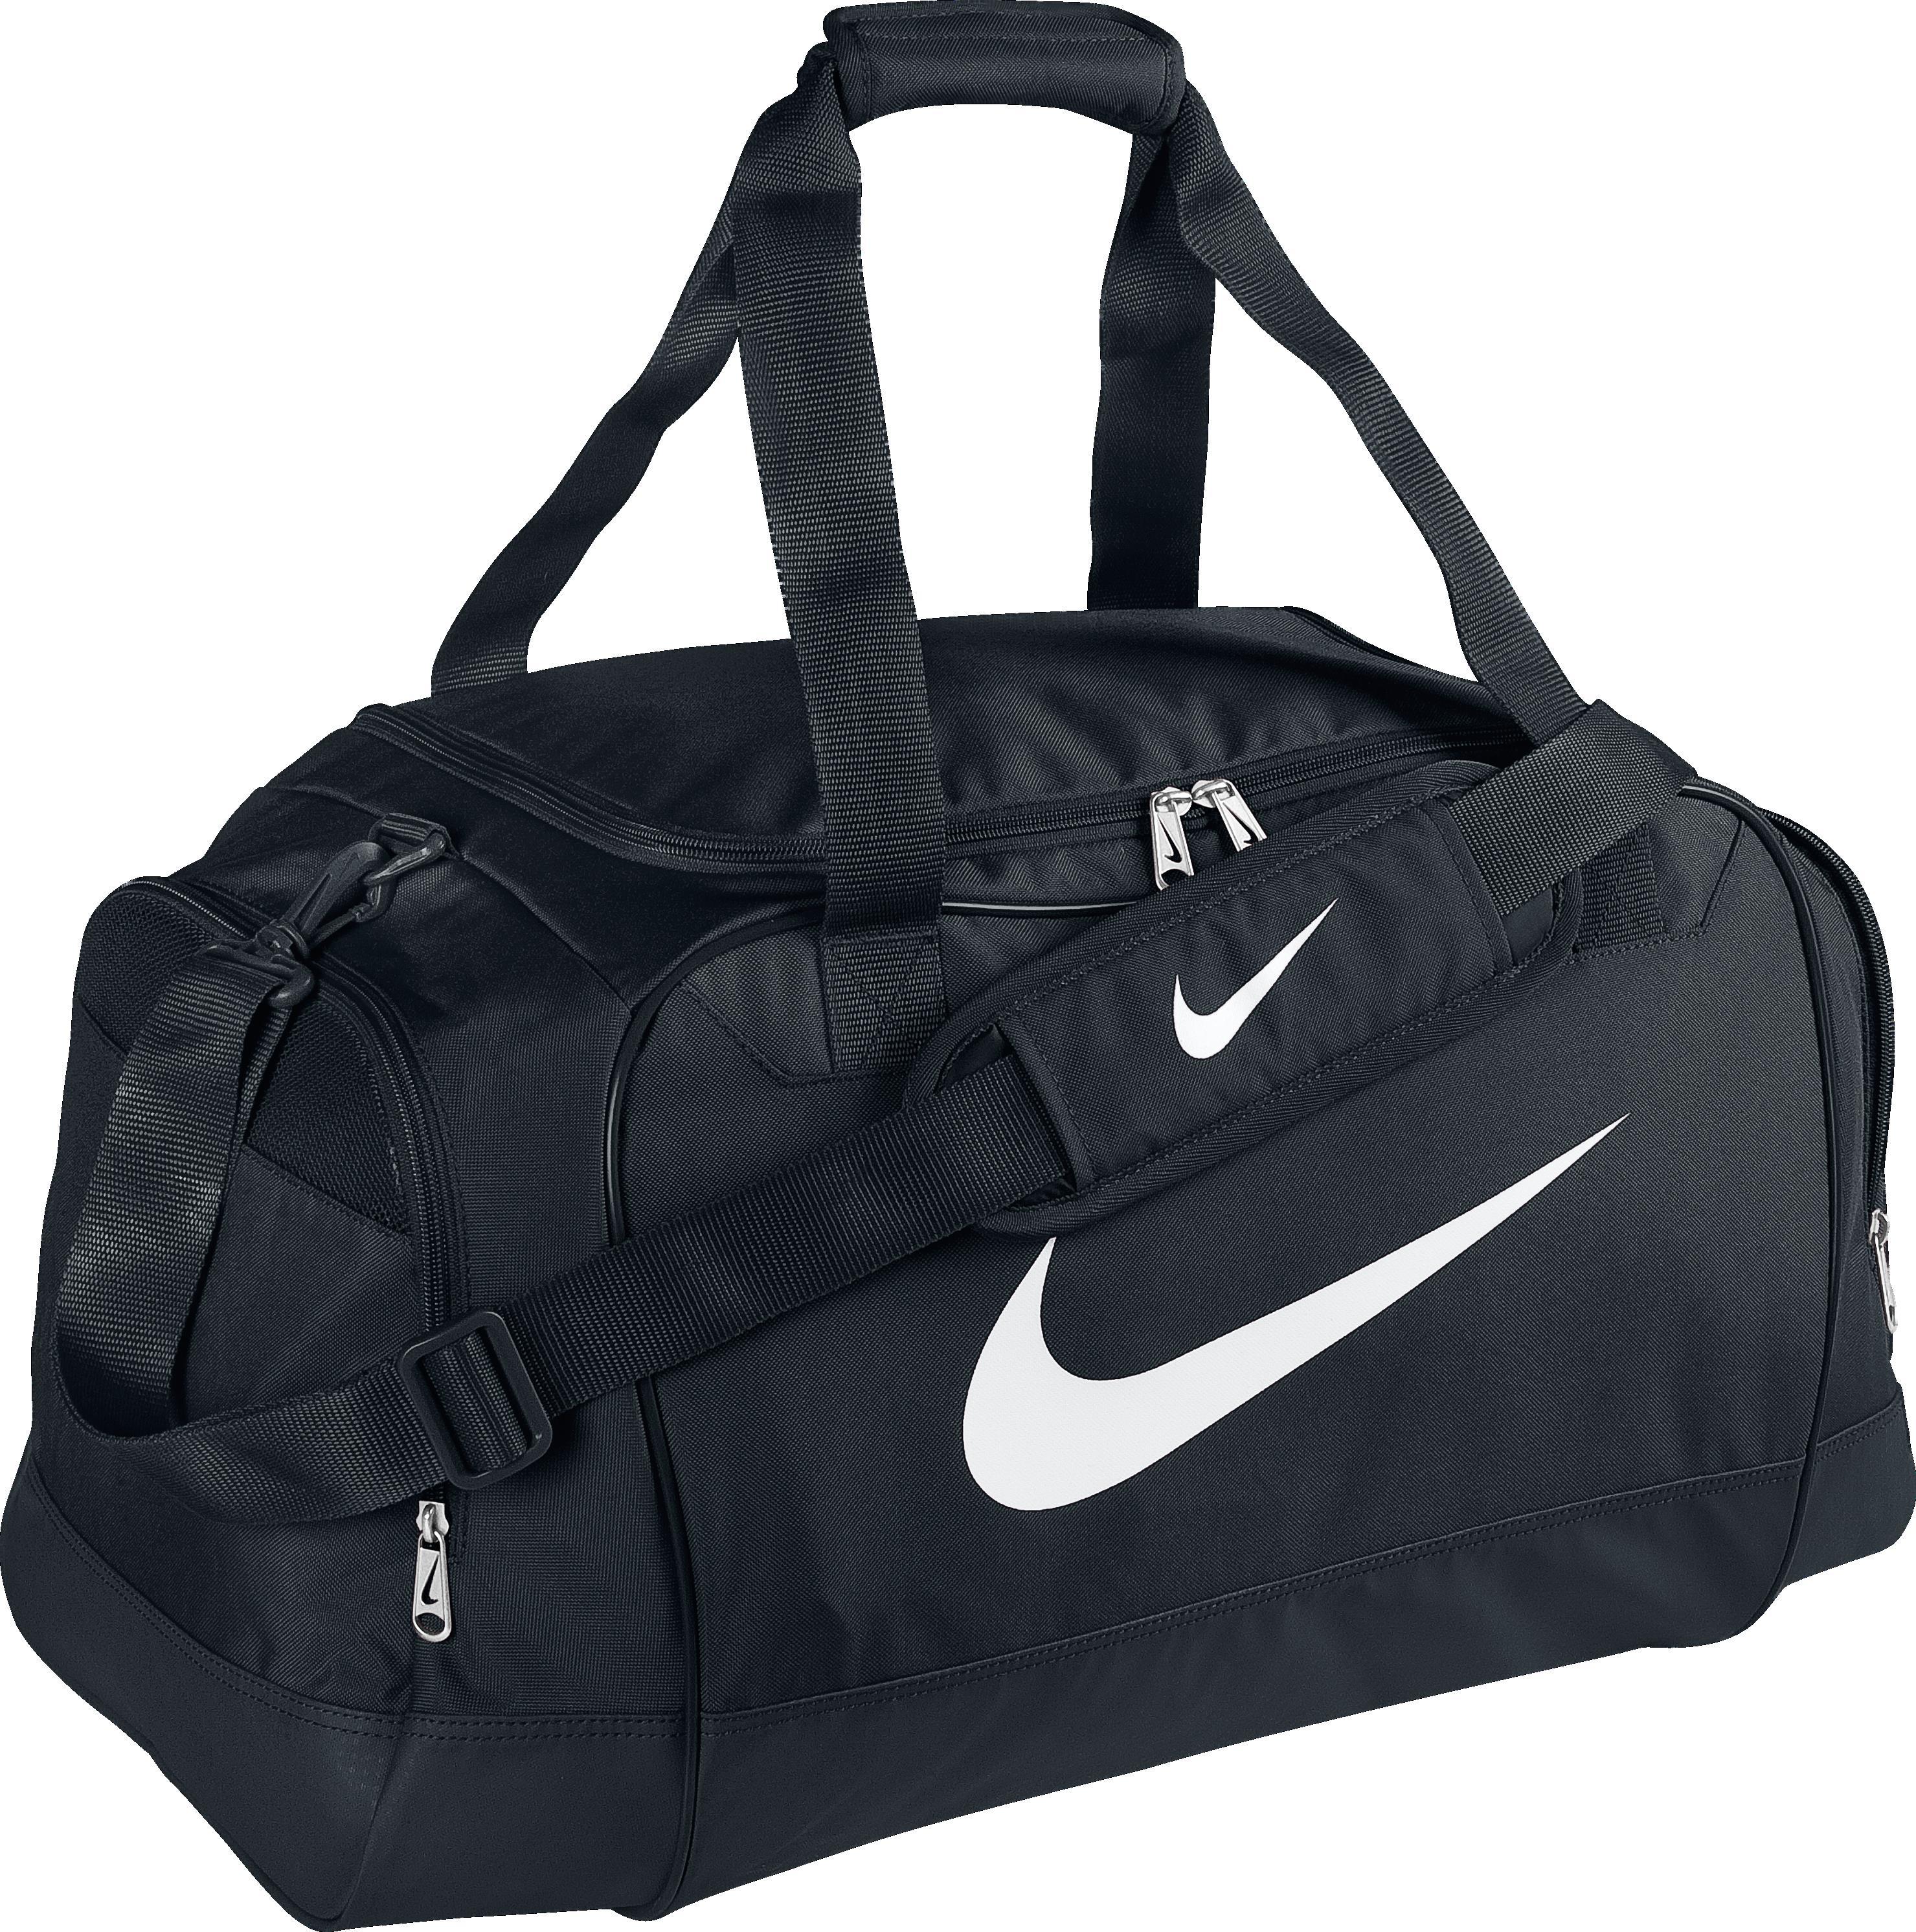 b26da1bfe906 ... Купить Сумка средняя Nike Nike Club Team Medium Duffel. Спортивный  супермаркет.